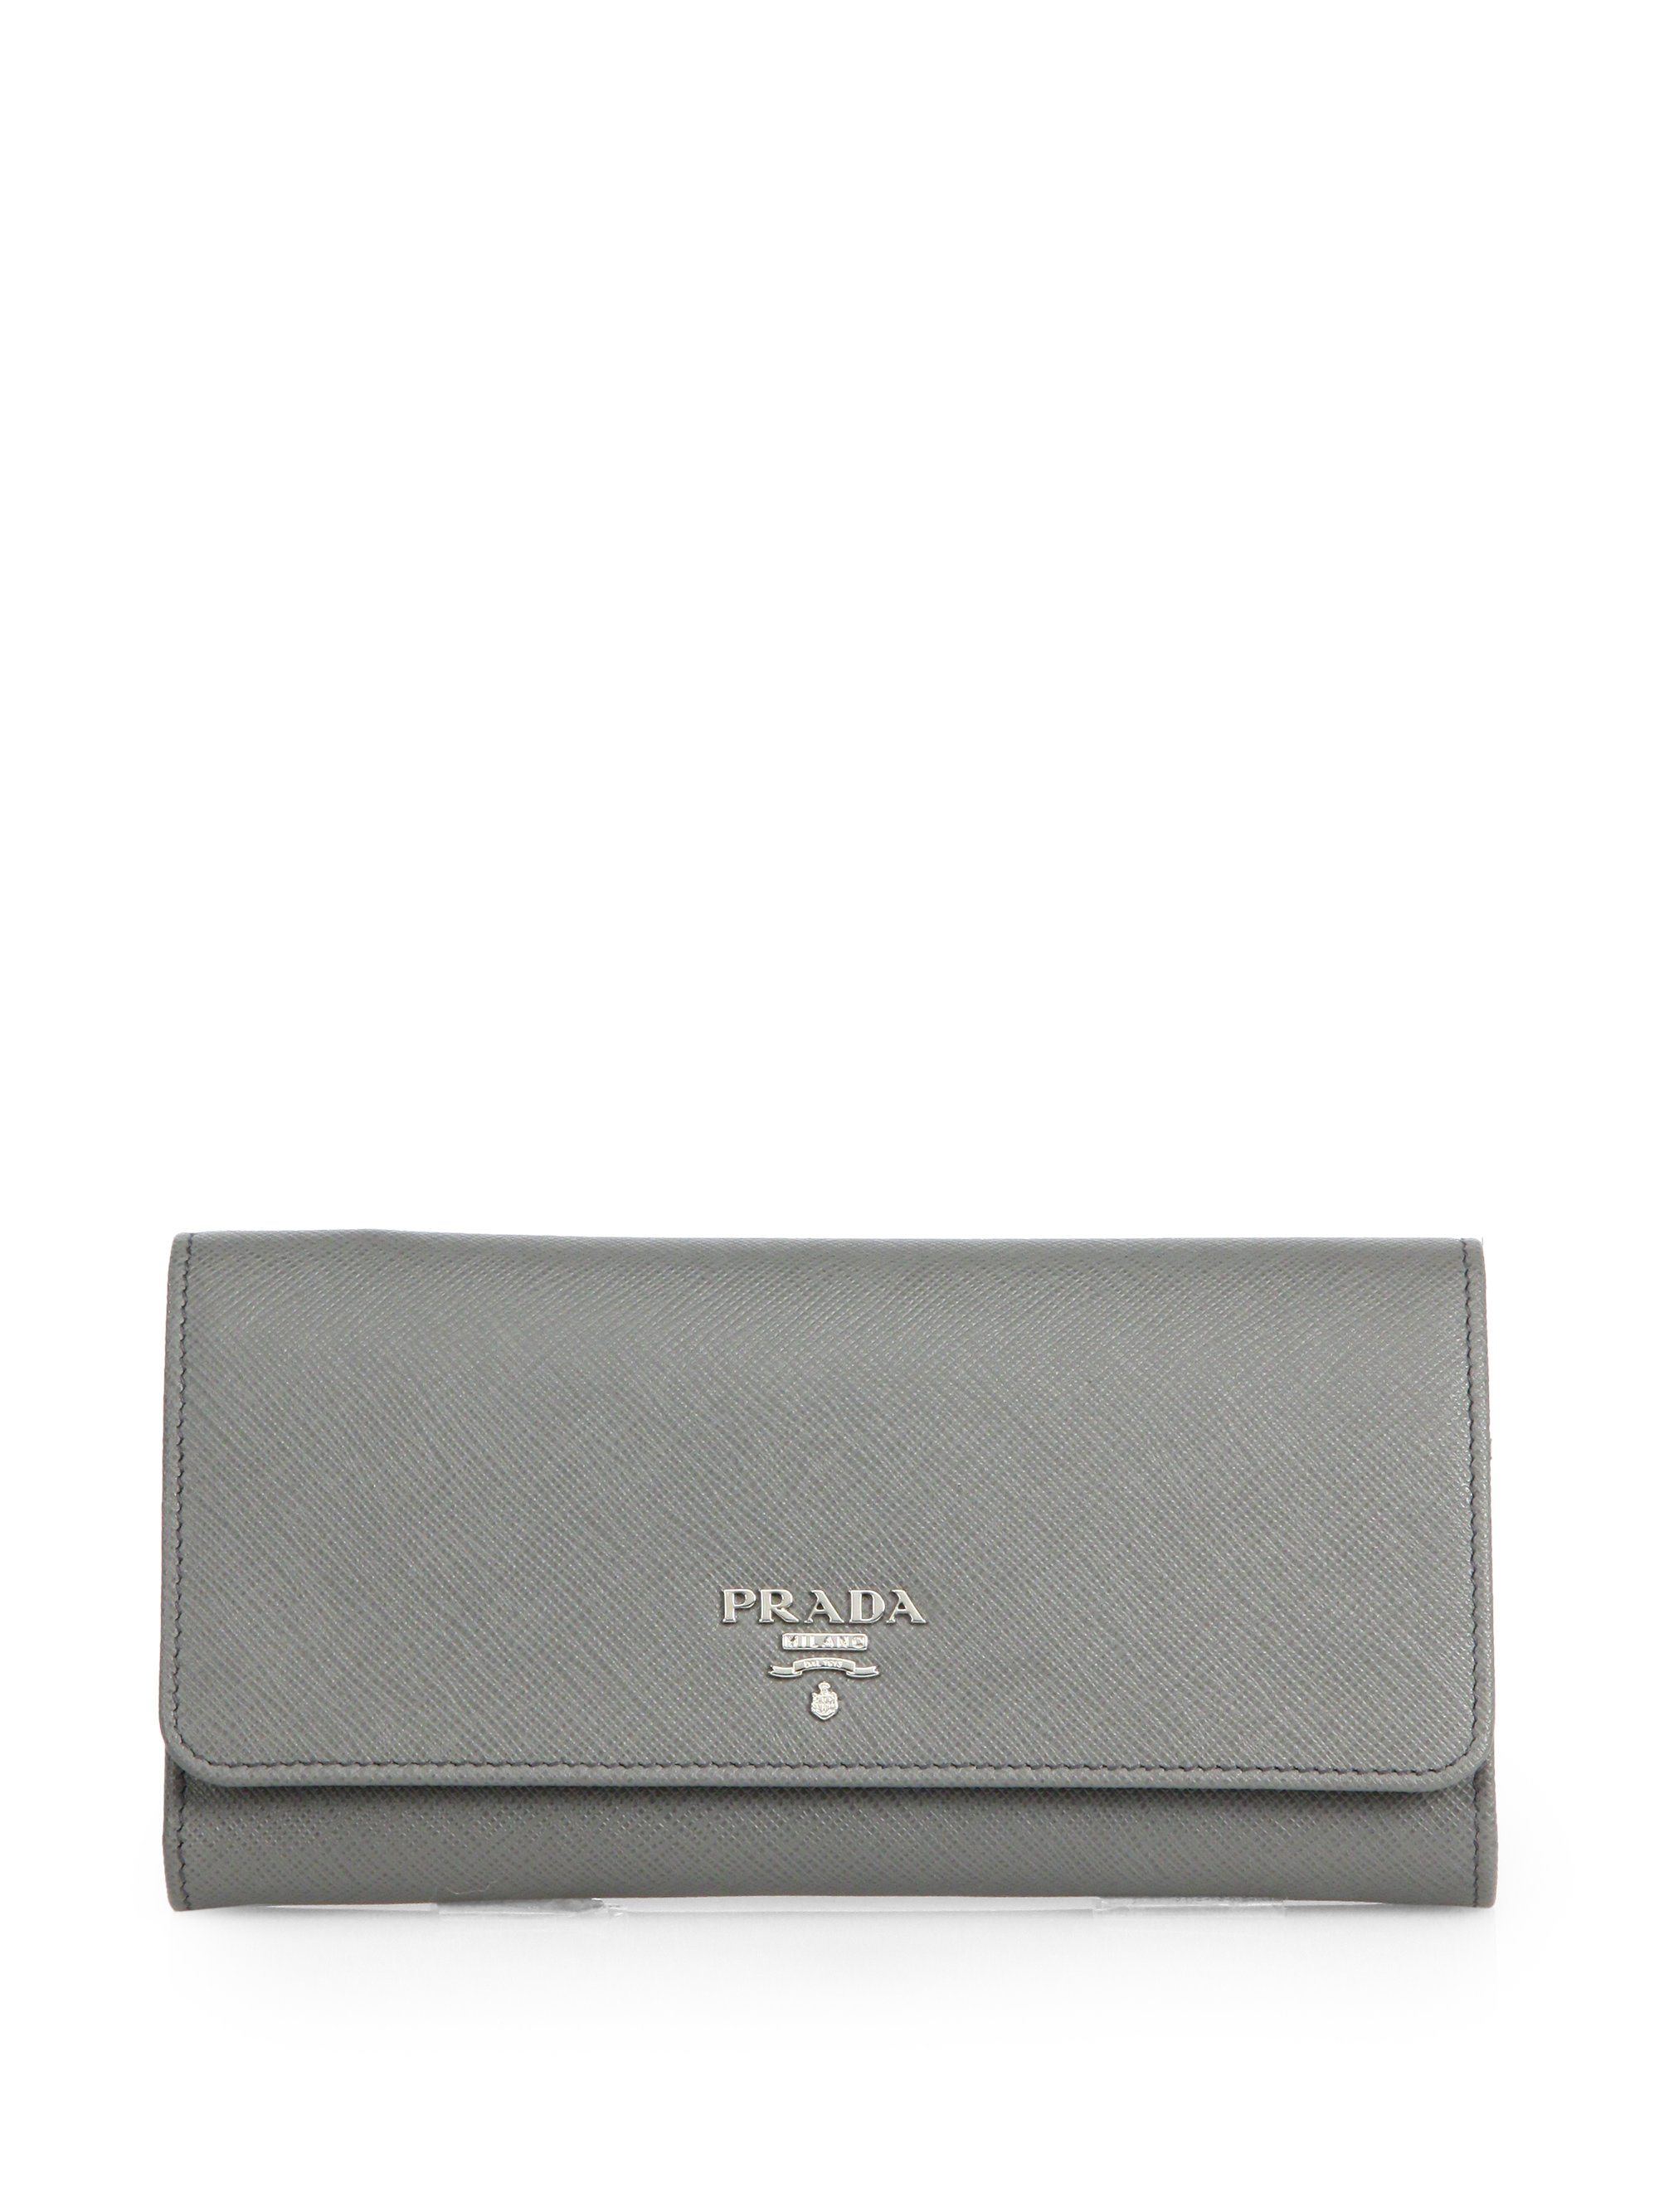 Prada Wallet Grey